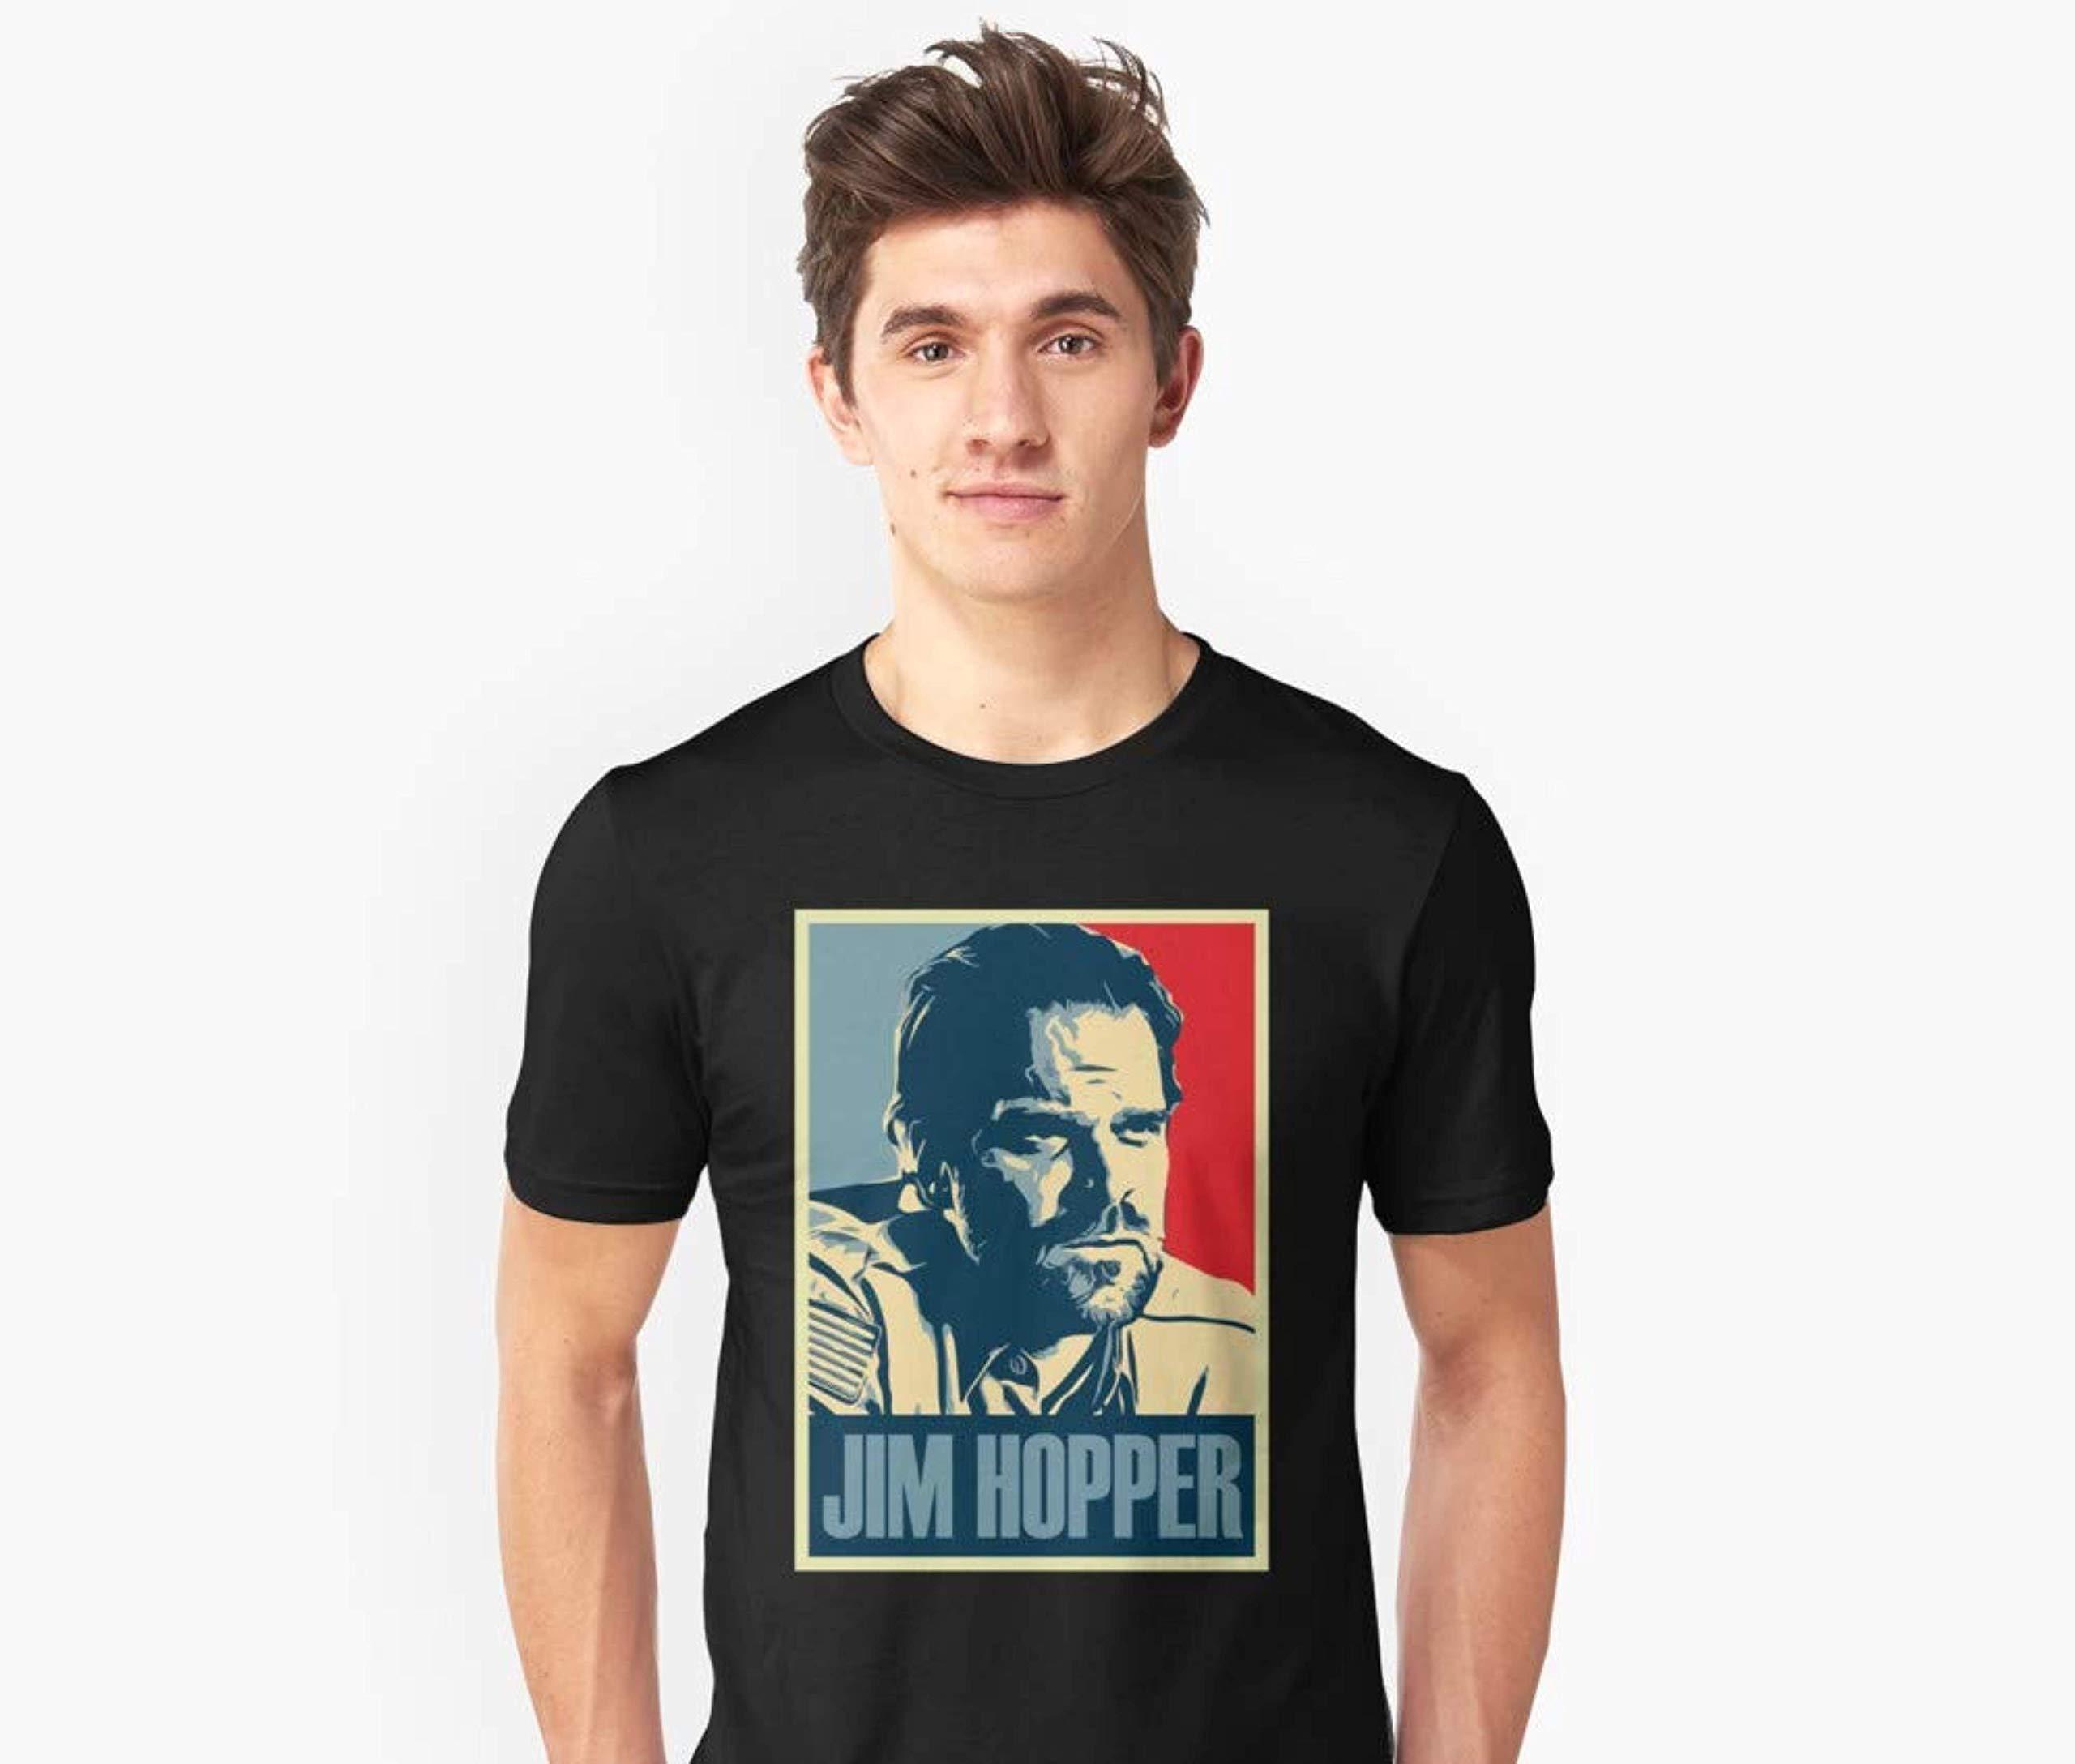 Jim Hopper For President Shirts